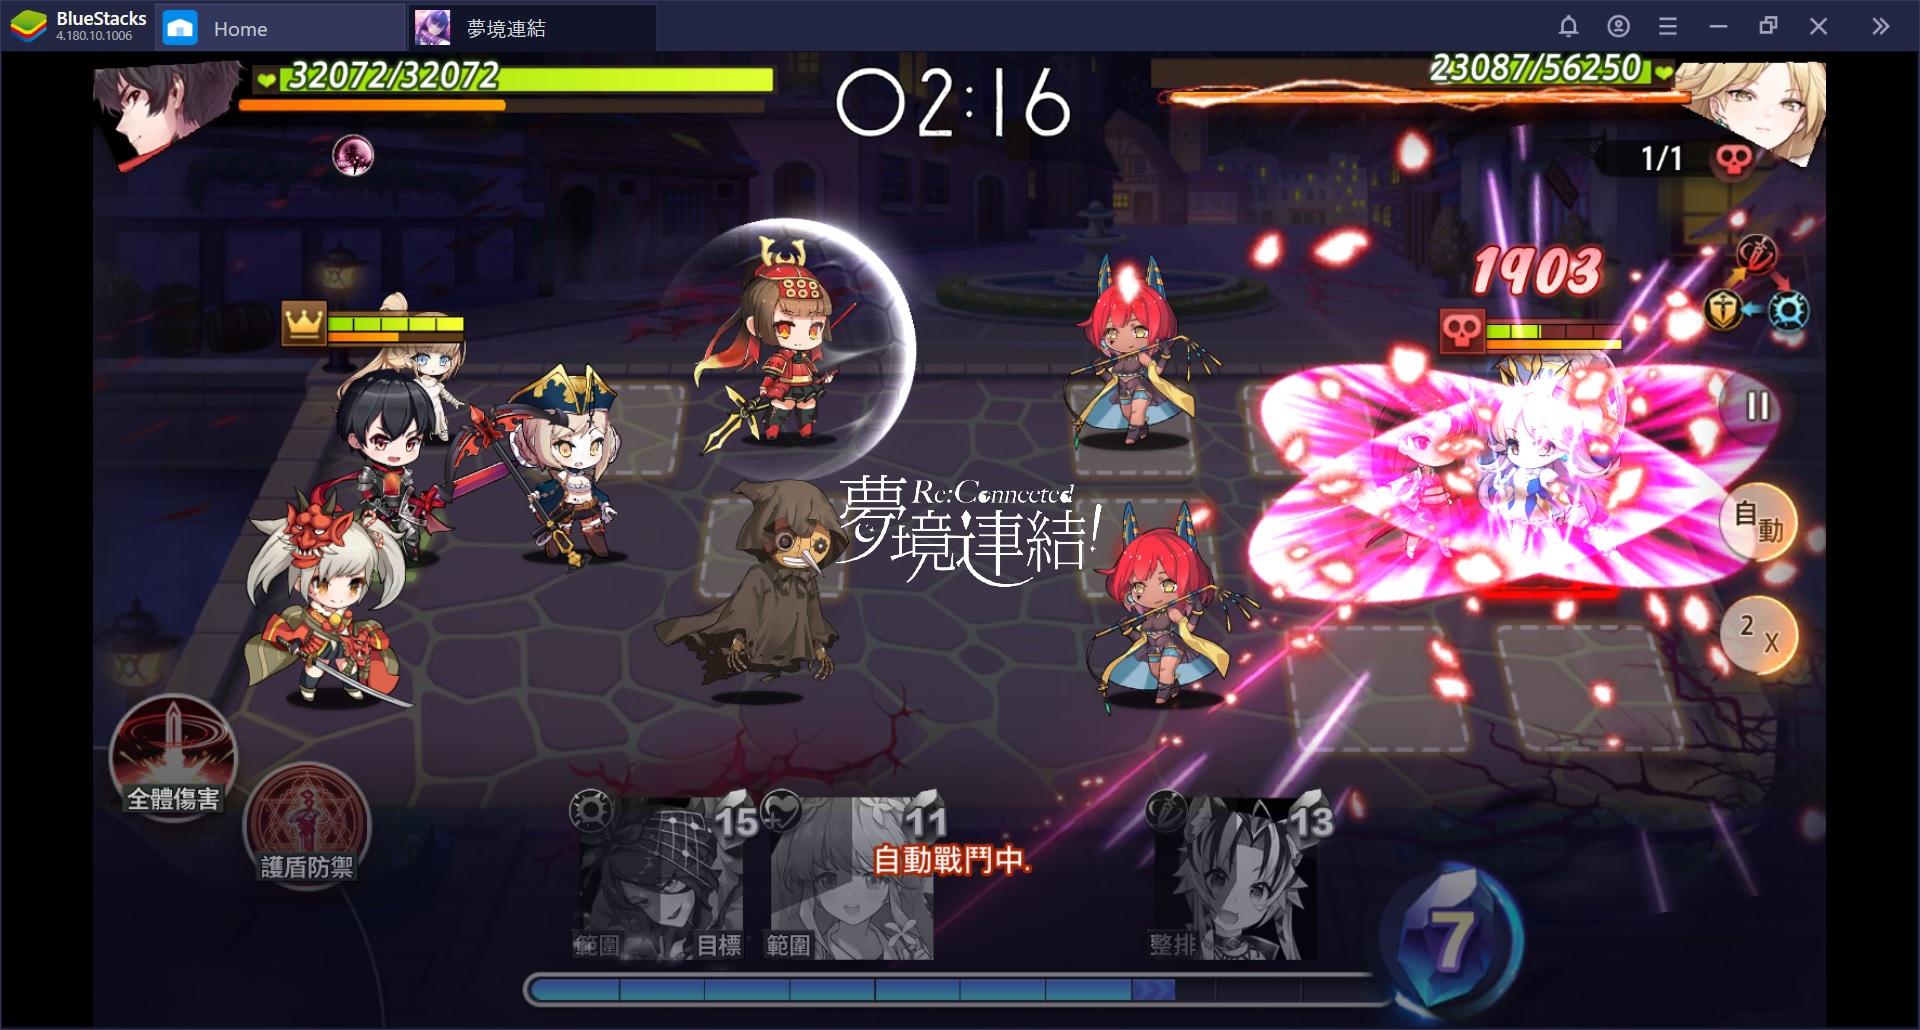 卡牌戰鬥 RPG《夢境連結!Re:Connected》:核心功能之盤點